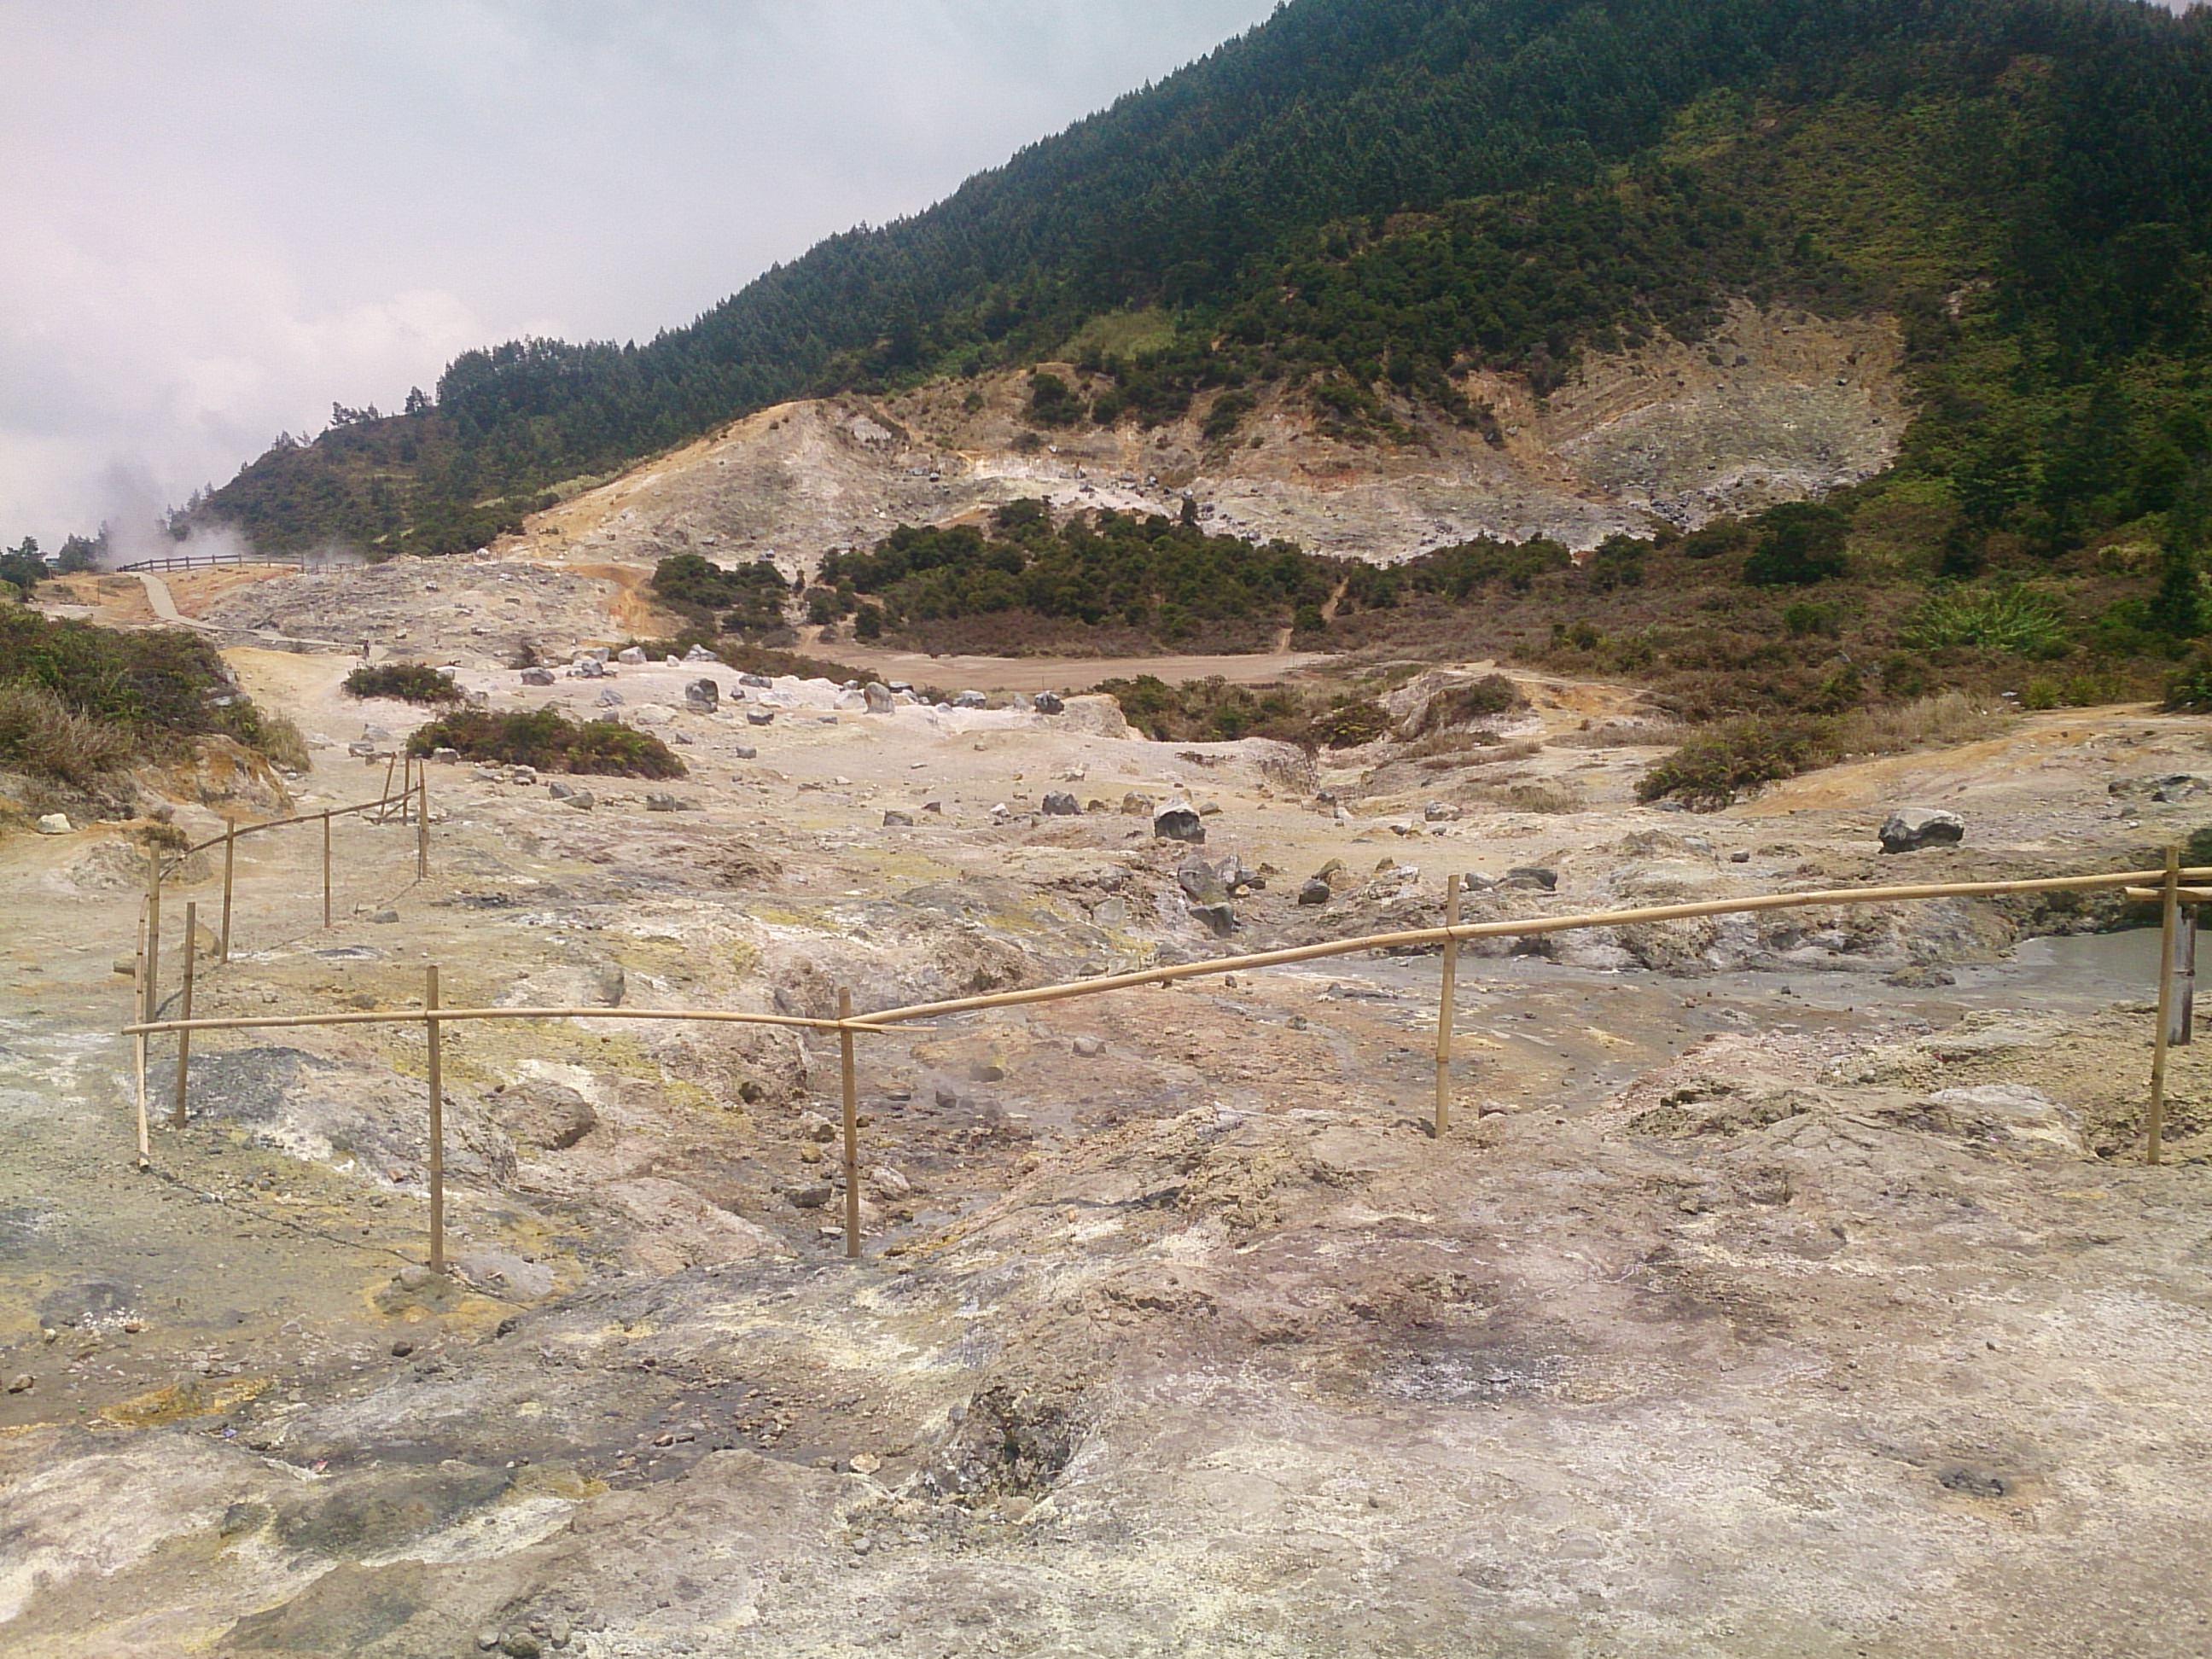 聖地の中の地獄谷・シキダン地熱地帯